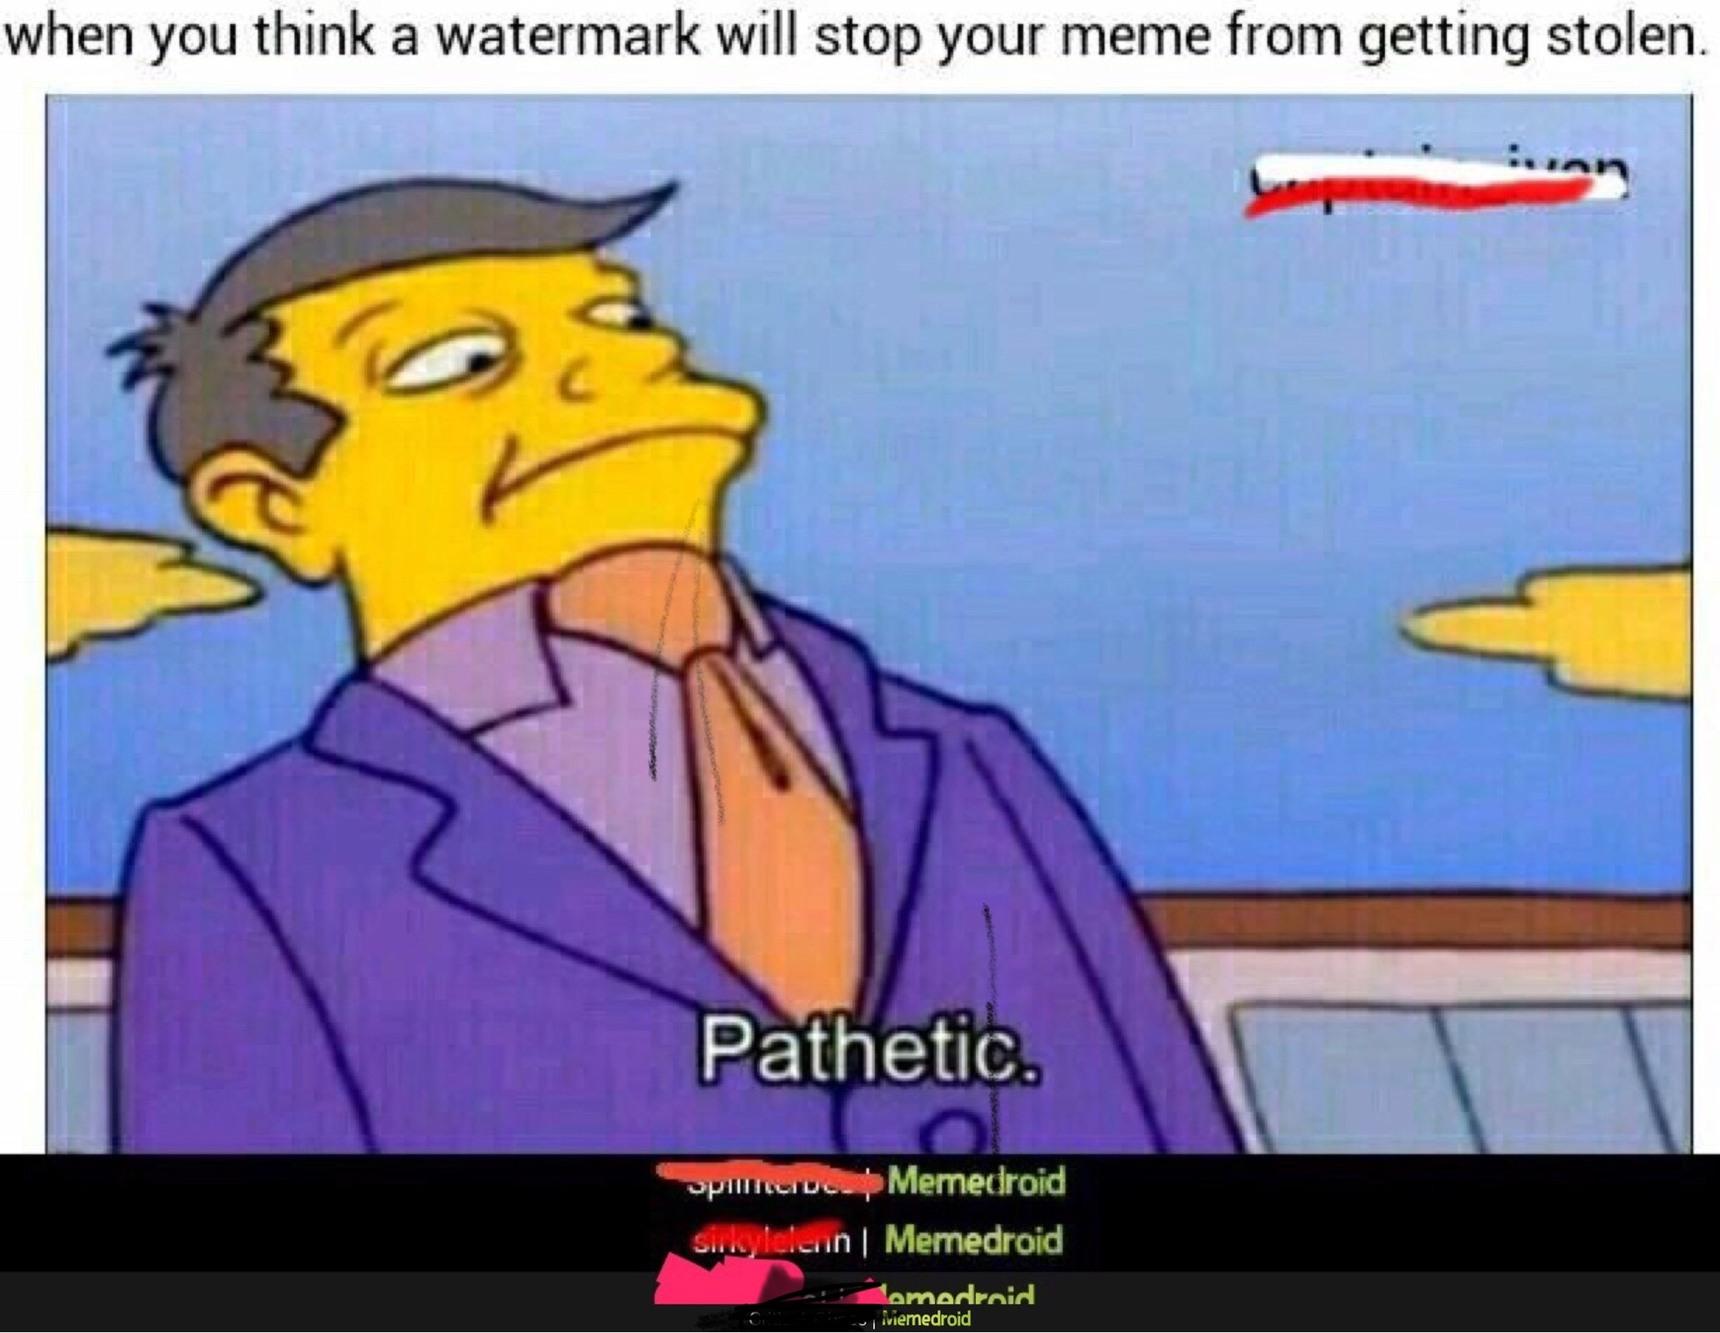 oc plz don't steal - meme